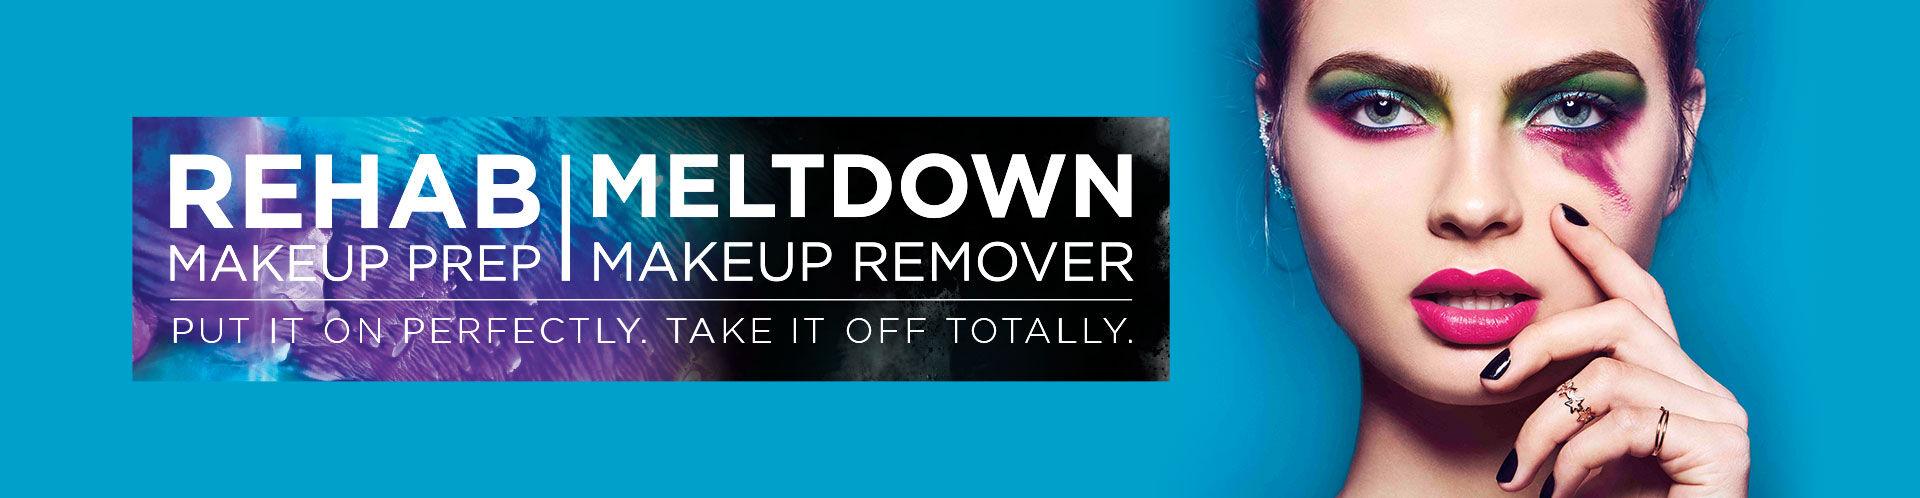 Maquillaje de Preparación Rehab | Desmaquillante Meltdown